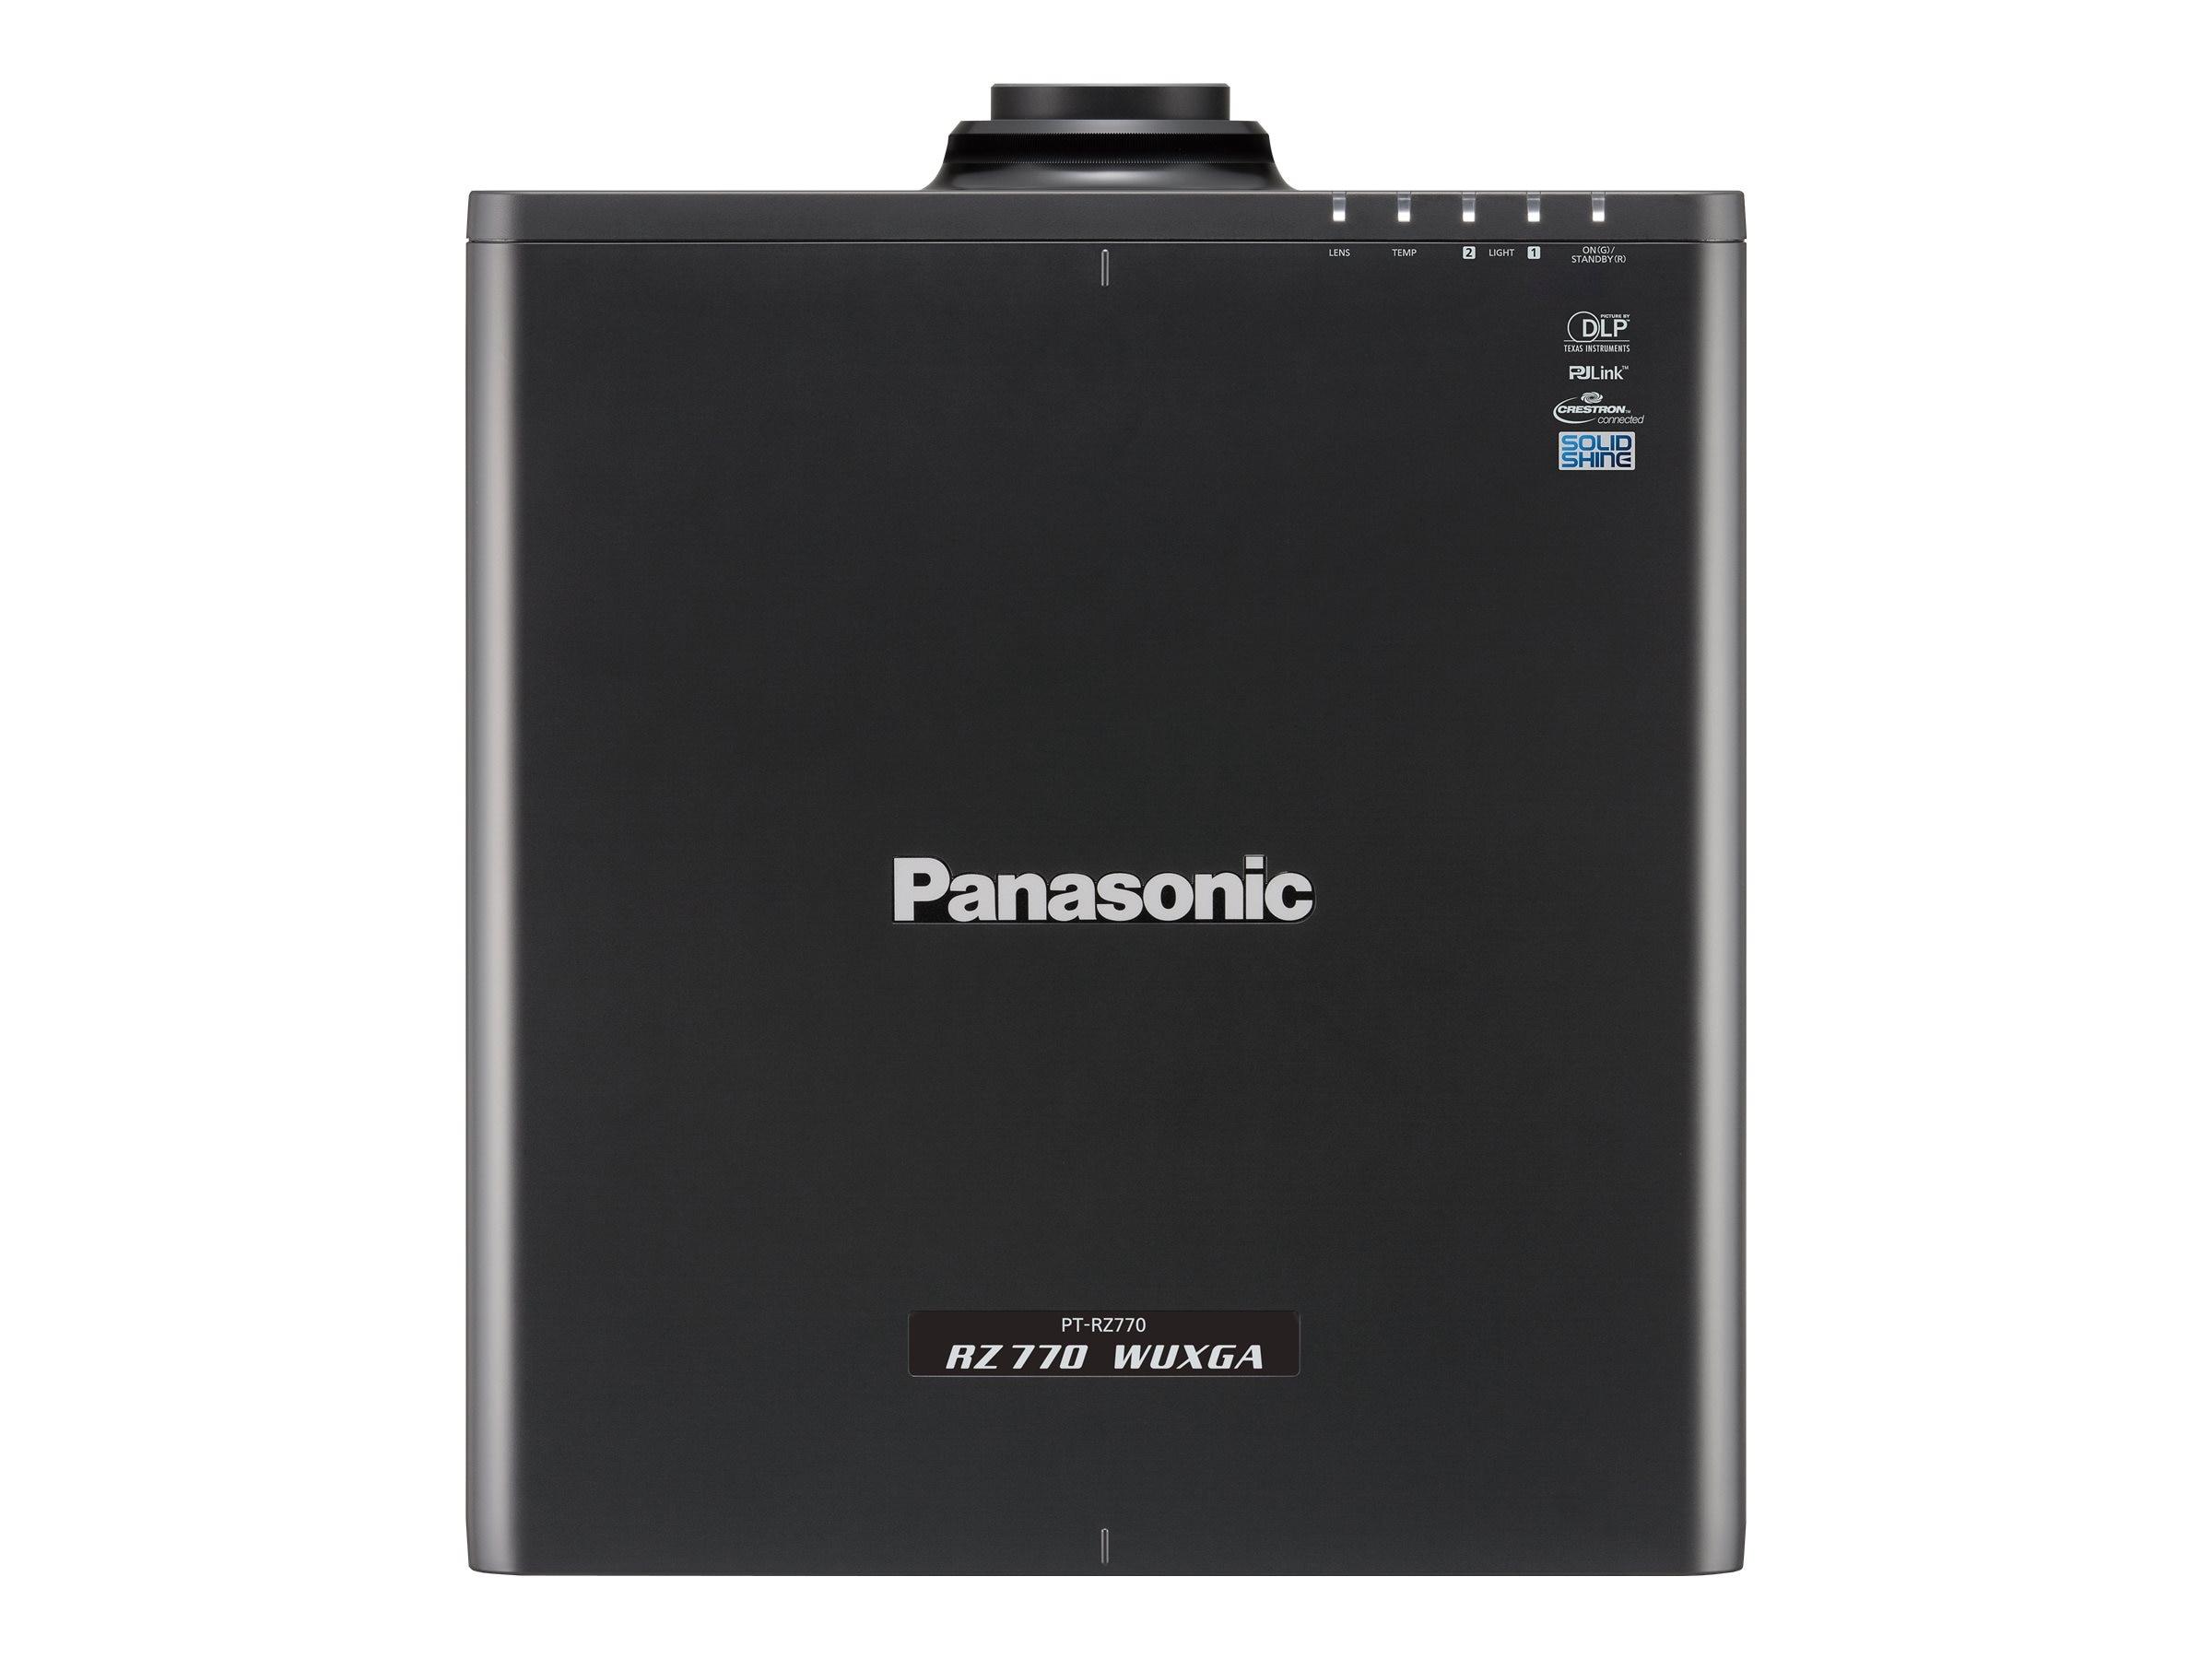 Panasonic PT-RZ770LBU Image 2